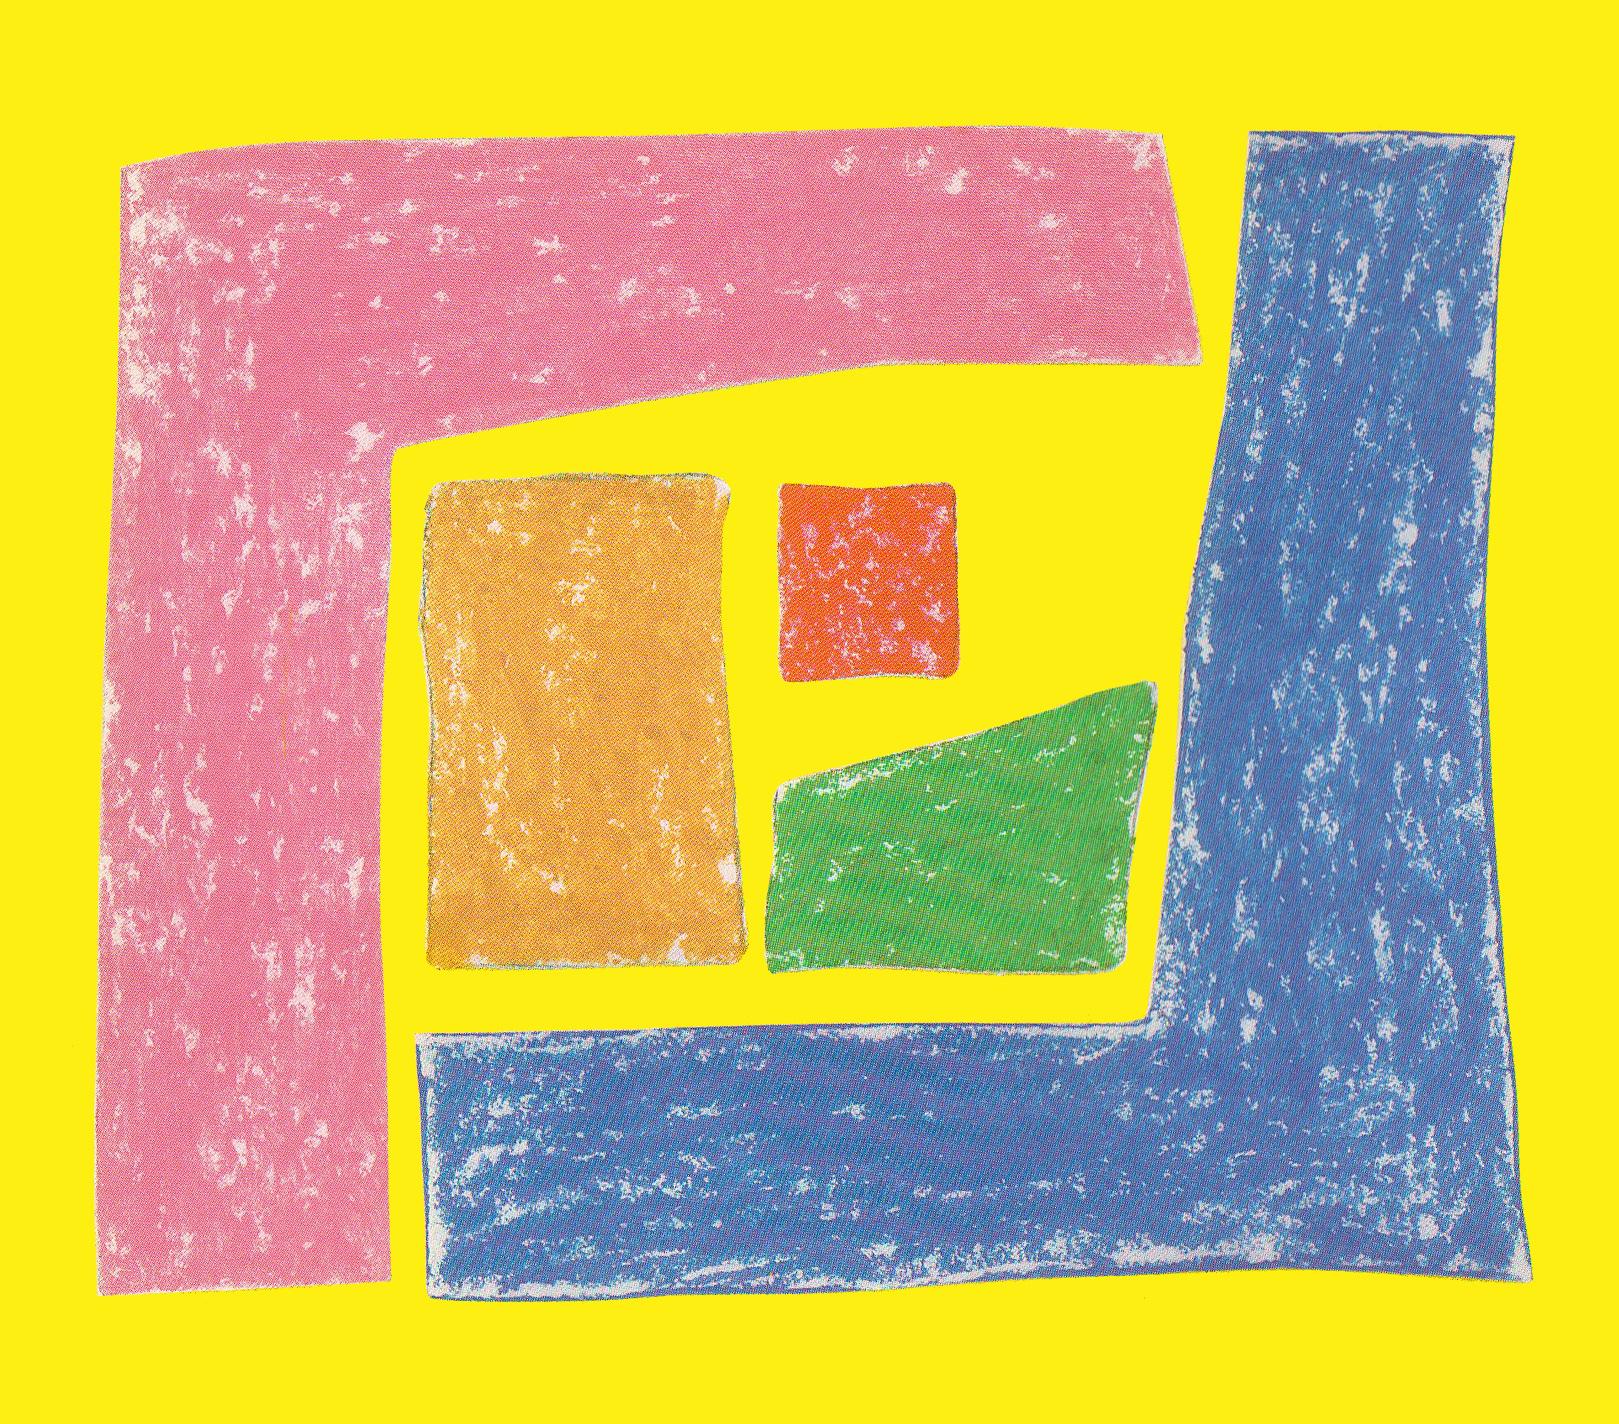 ザ・ハイロウズ (↑THE HIGH-LOWS↓) 14thシングル『青春』(2000年5月24日発売)高画質CDジャケット画像